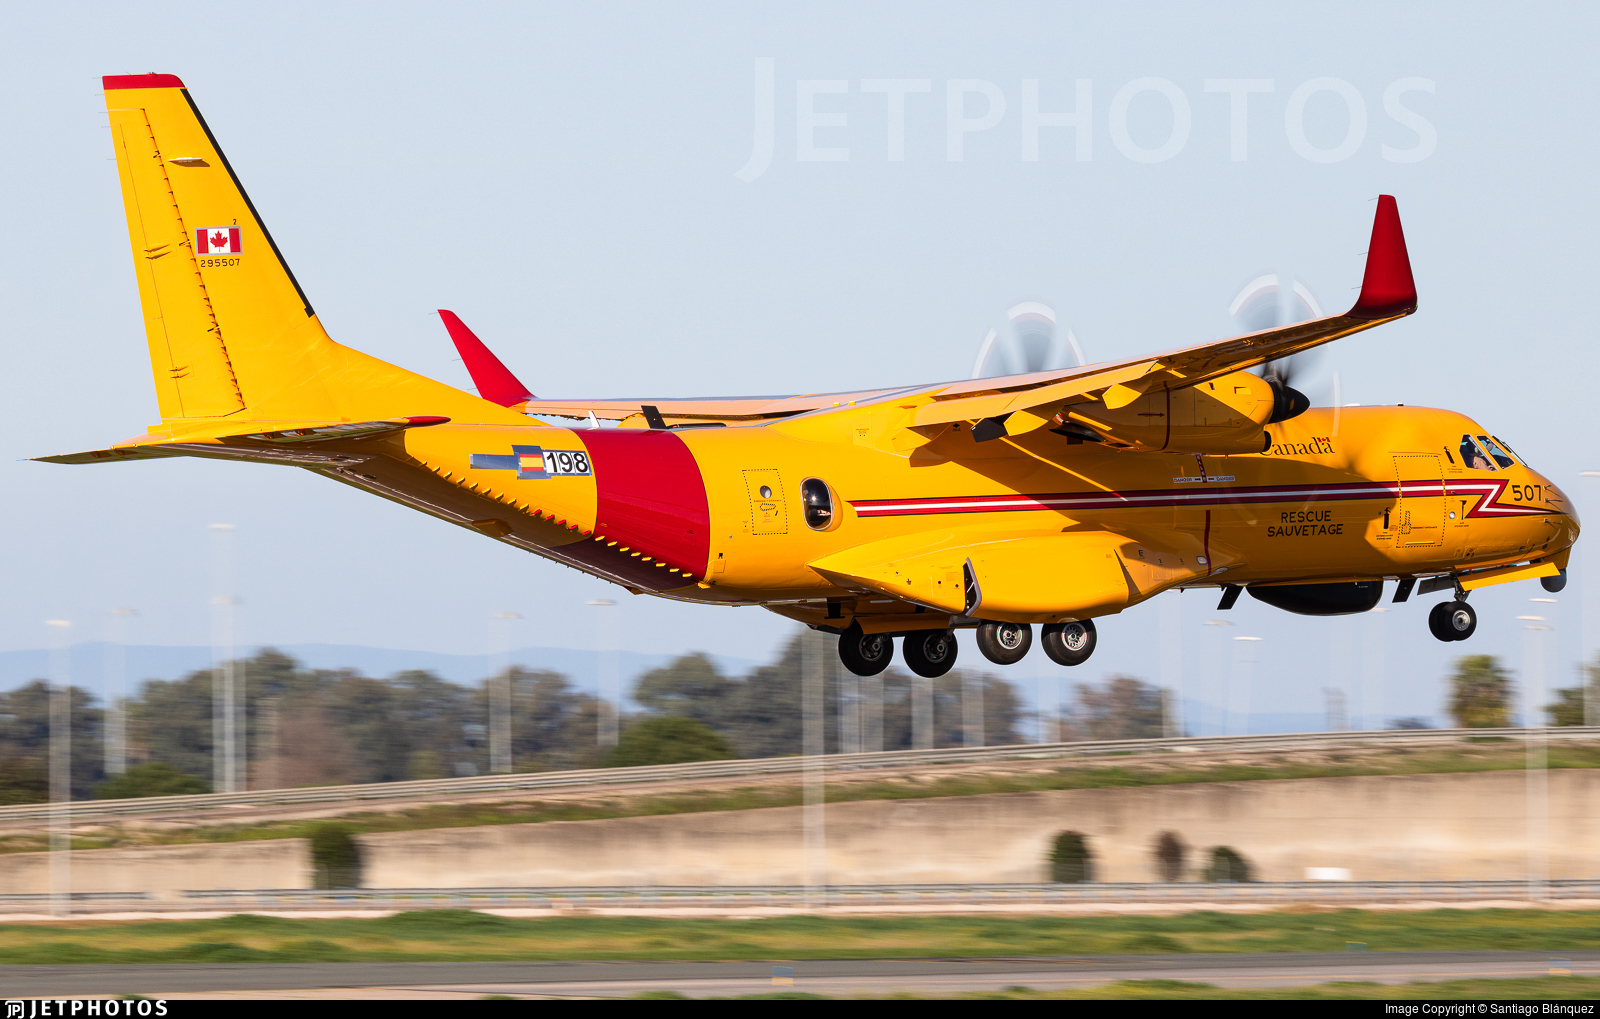 198 - Airbus CC-295W FWSAR - Canada - Royal Canadian Air Force (RCAF)